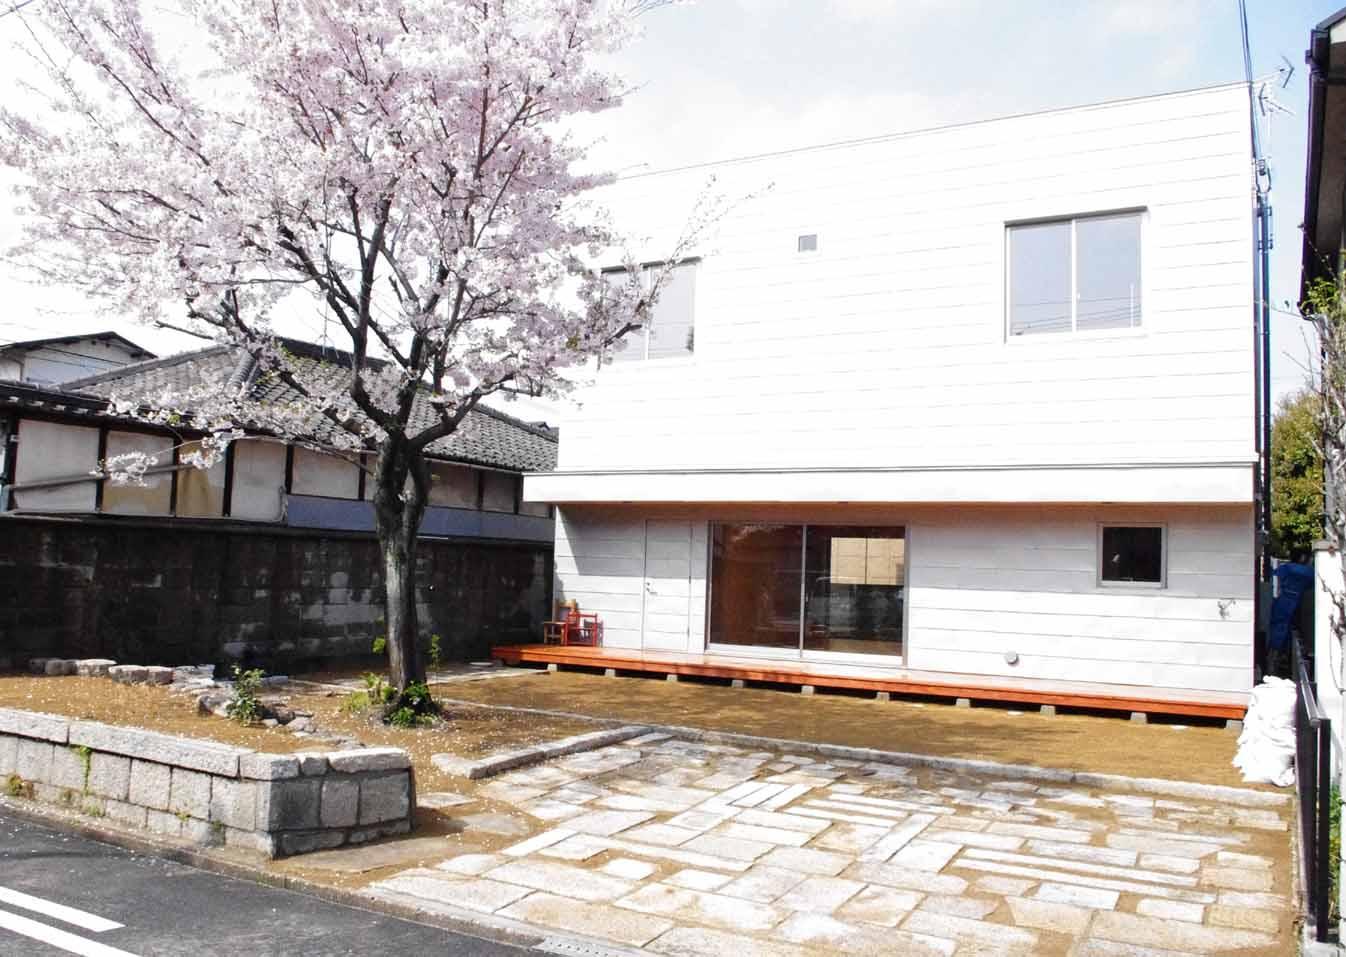 高師浜の住宅 / HOUSE in Takashinohamaの部屋 シンプルな外観